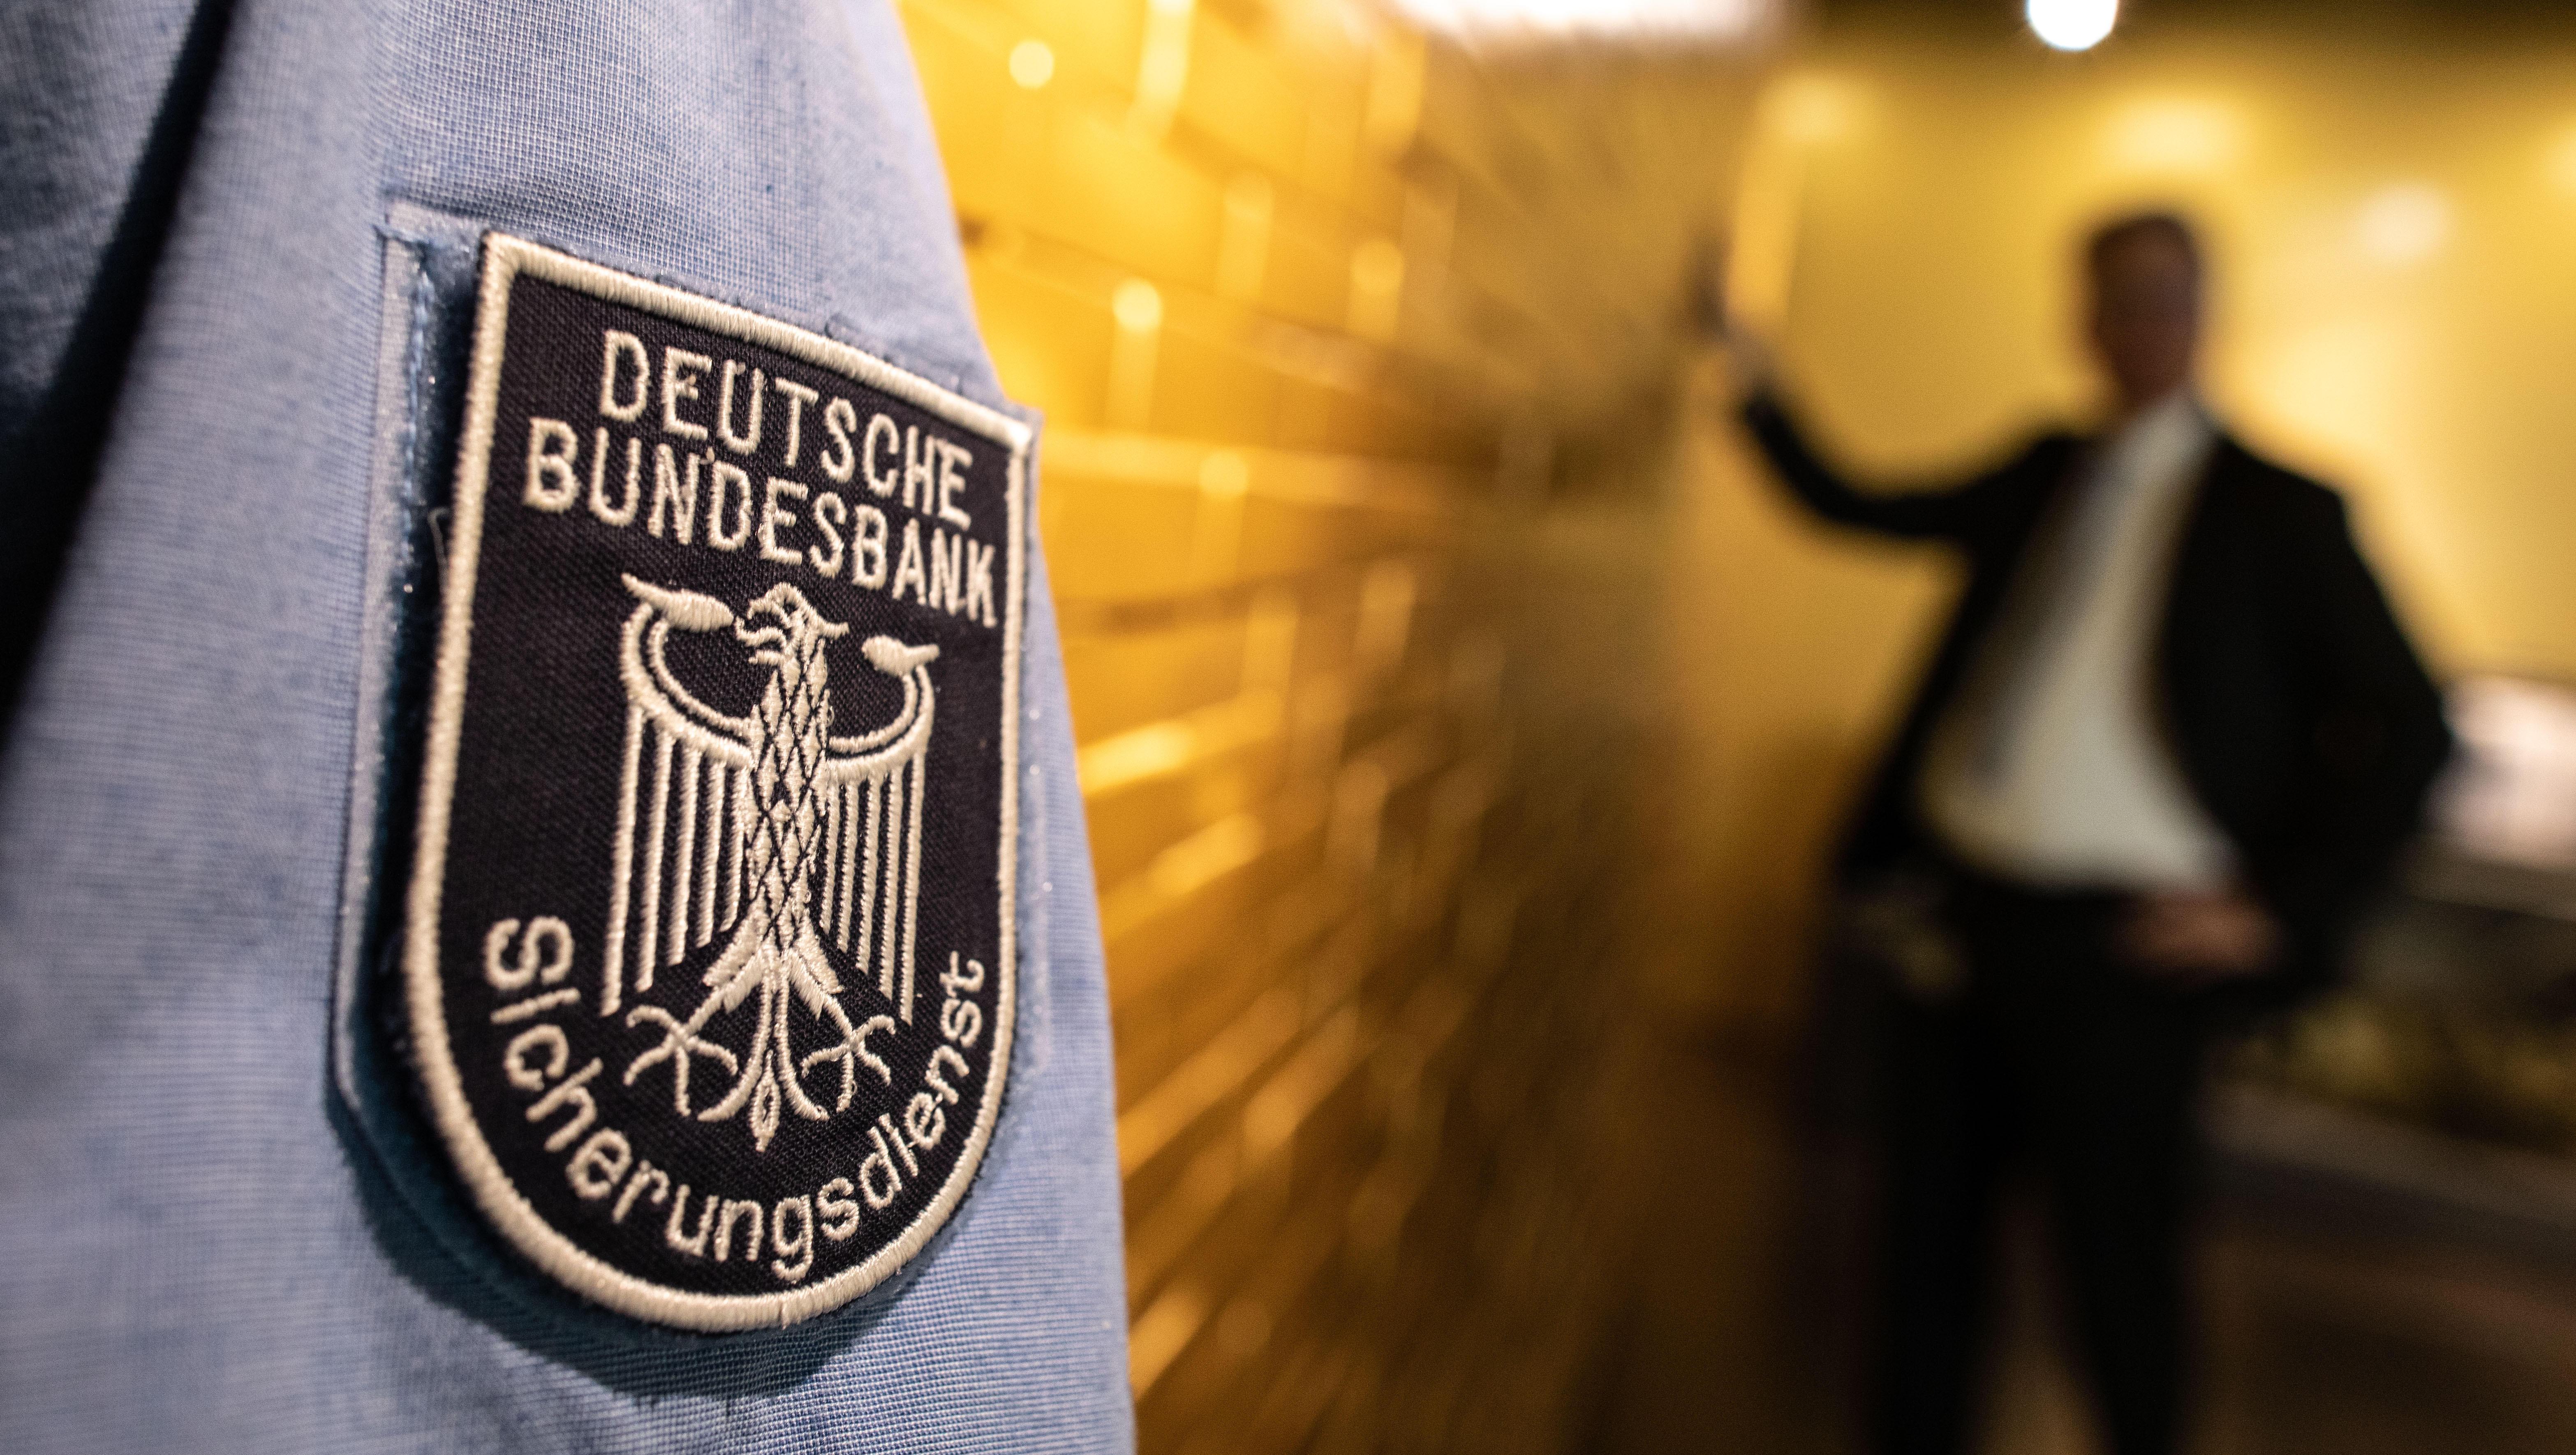 Zentralbanken kaufen wieder mehr Gold, aber Deutschland verkauft